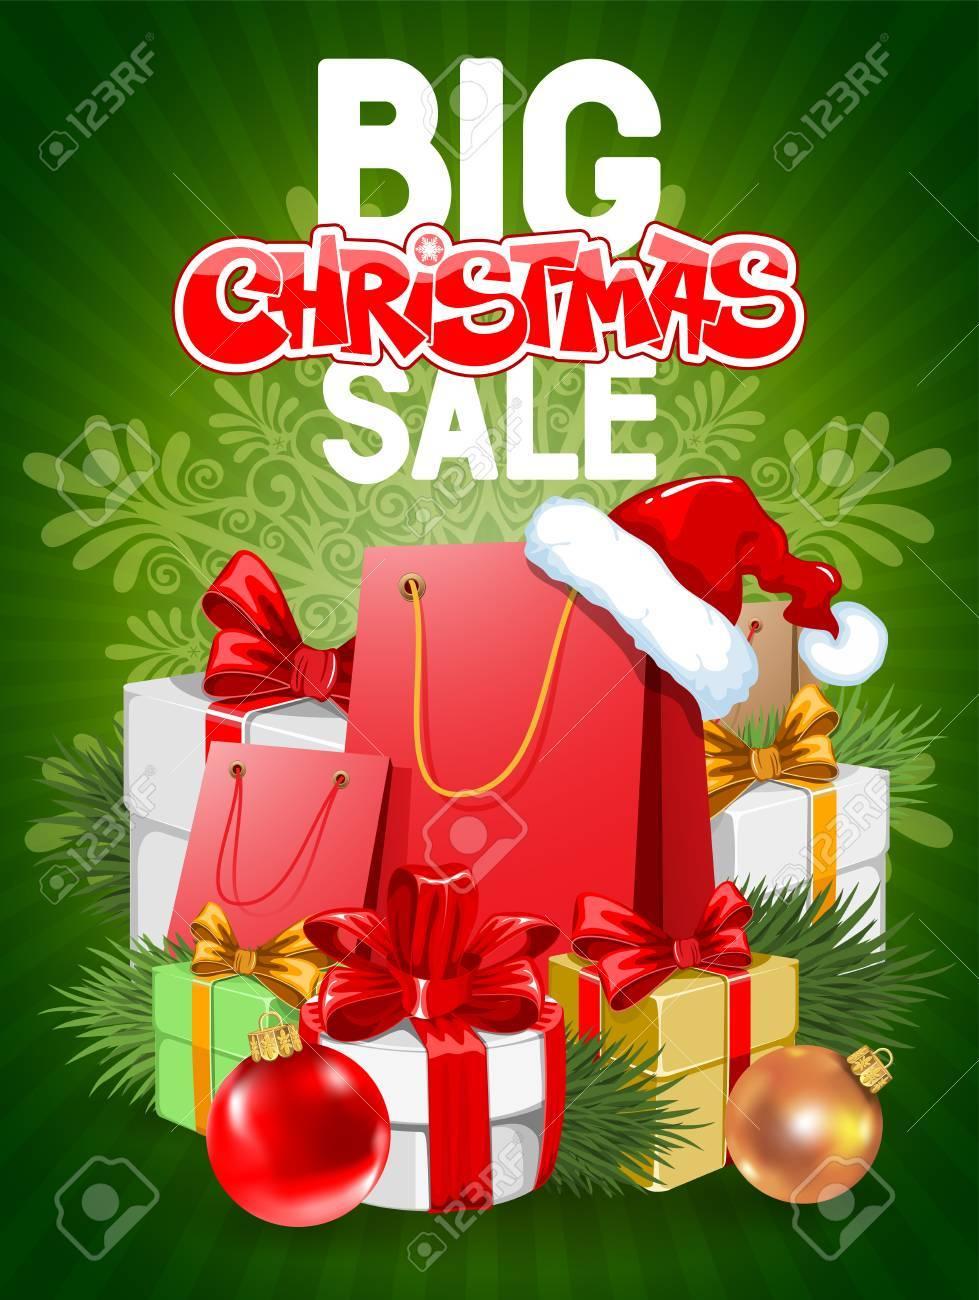 Helle Werbeplakat Big Weihnachtsverkauf Auf Grünem Hintergrund Mit ...